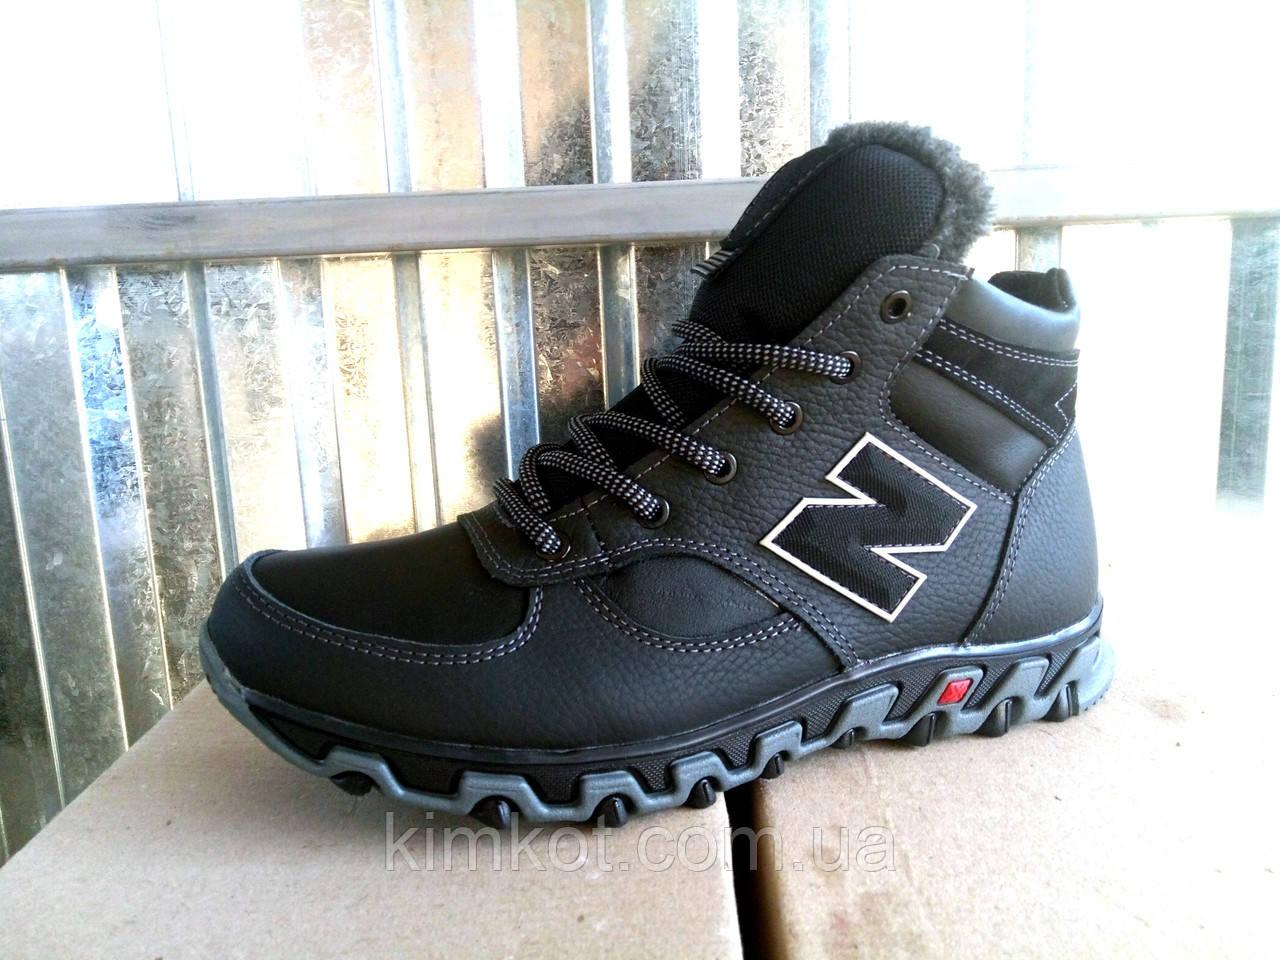 Зимние кожаные мужские ботинки New Balance 40-45 р-р  продажа, цена ... 078c277c898